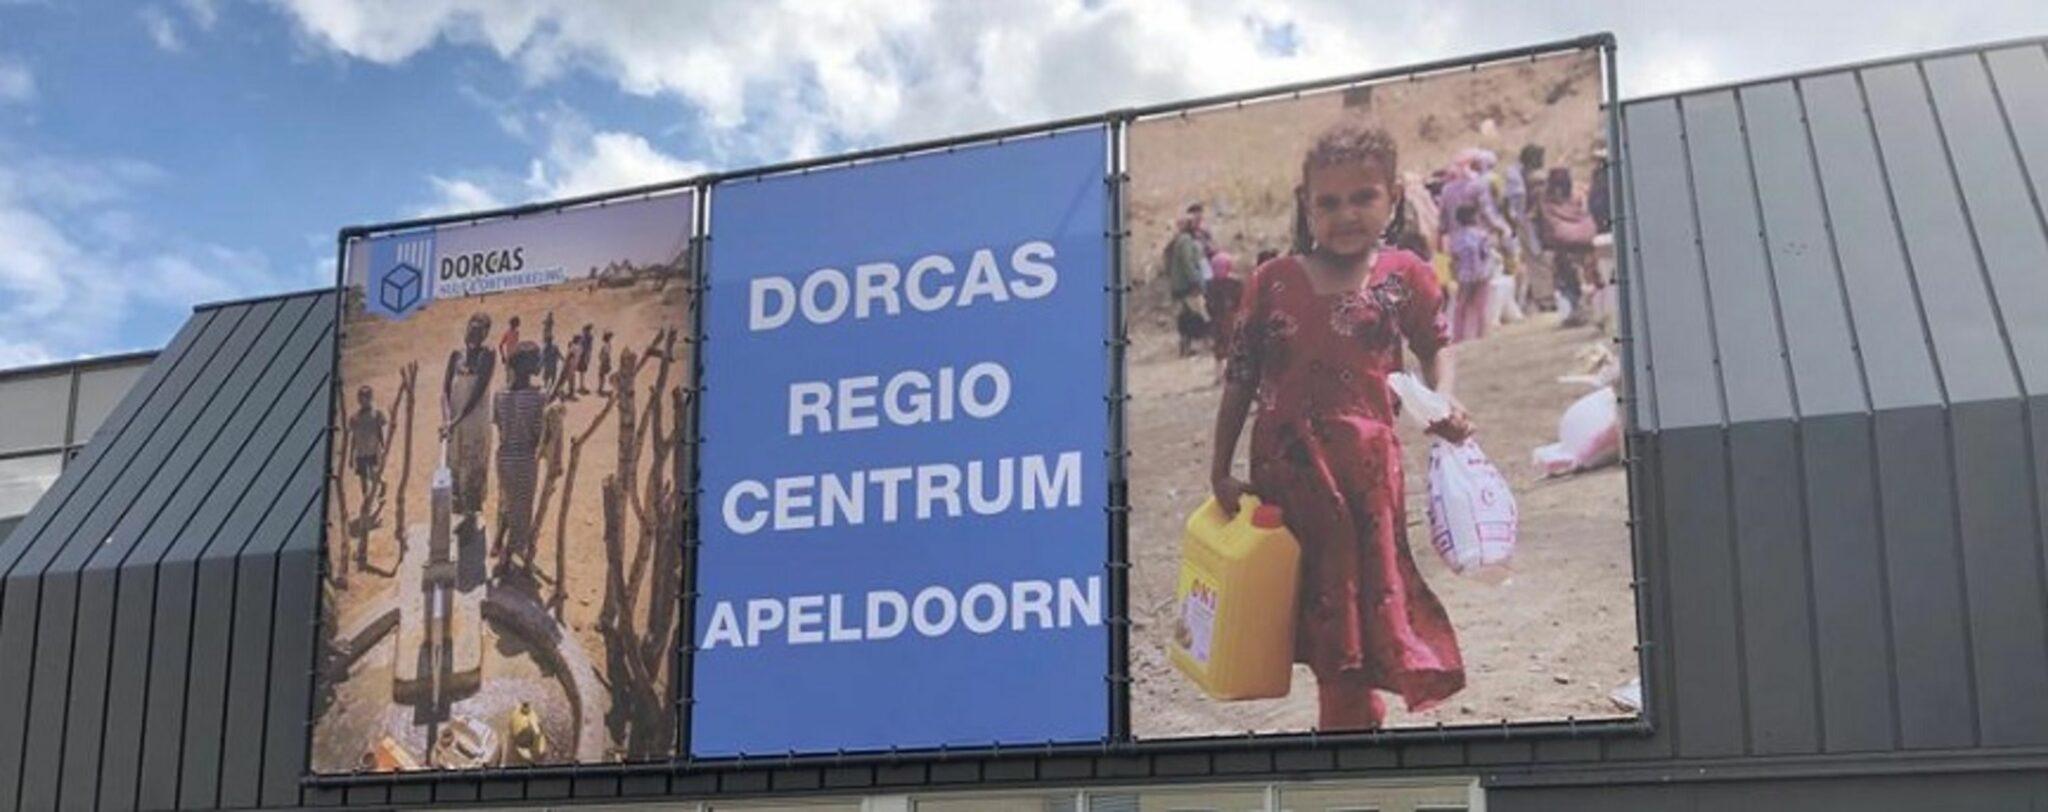 Dorcas Regiocentrum Apeldoorn